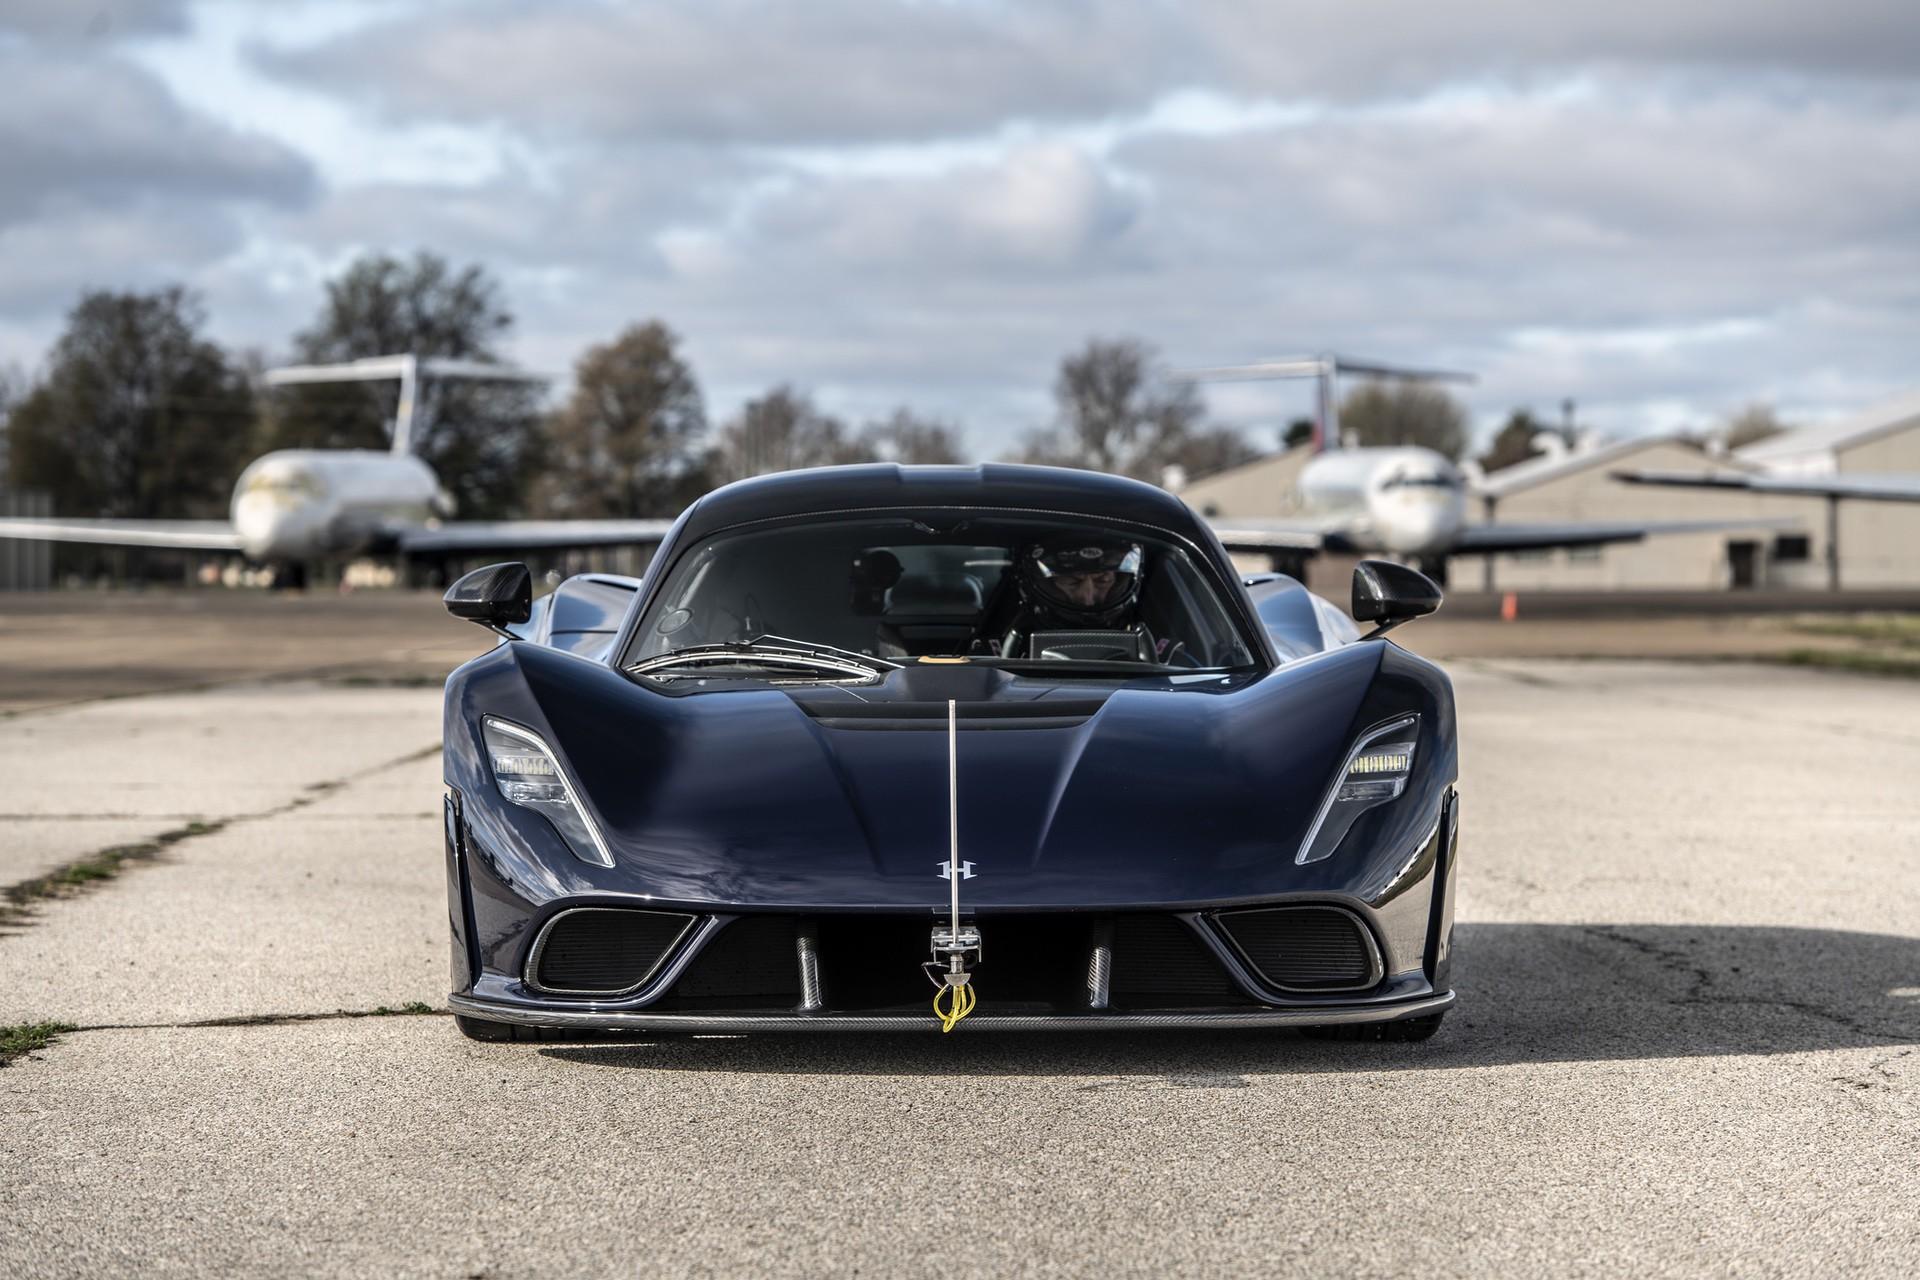 venom-f5-aerodynamic-testing-4